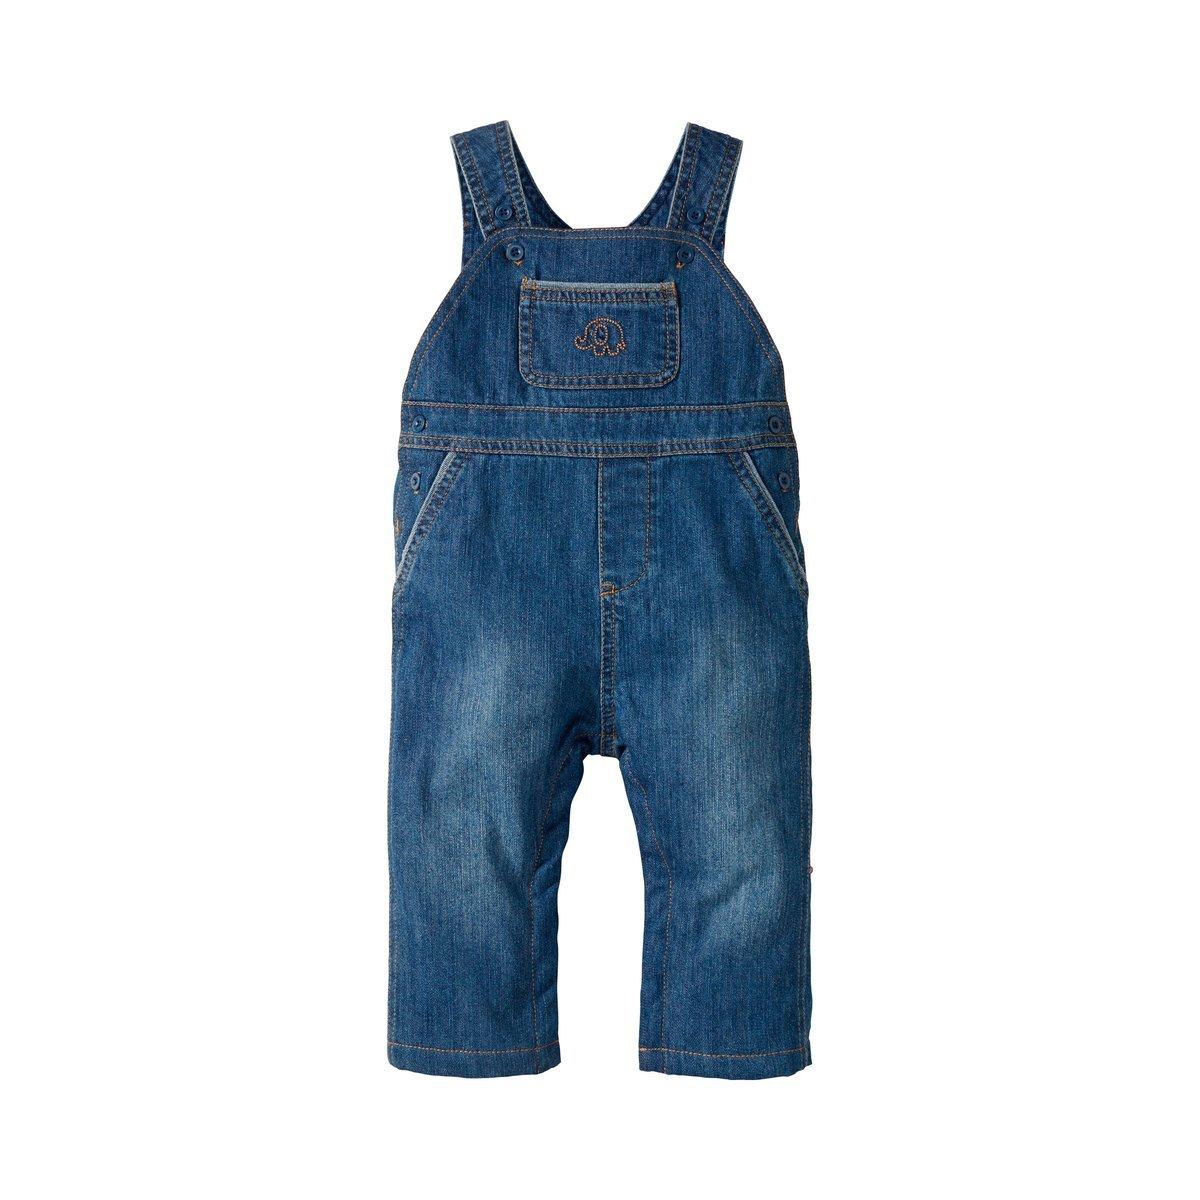 Bornino Jeans-Latzhose/Basics Baby Bekleidung/Hose / Eingrifftaschen / 100% Baumwolle/Denim